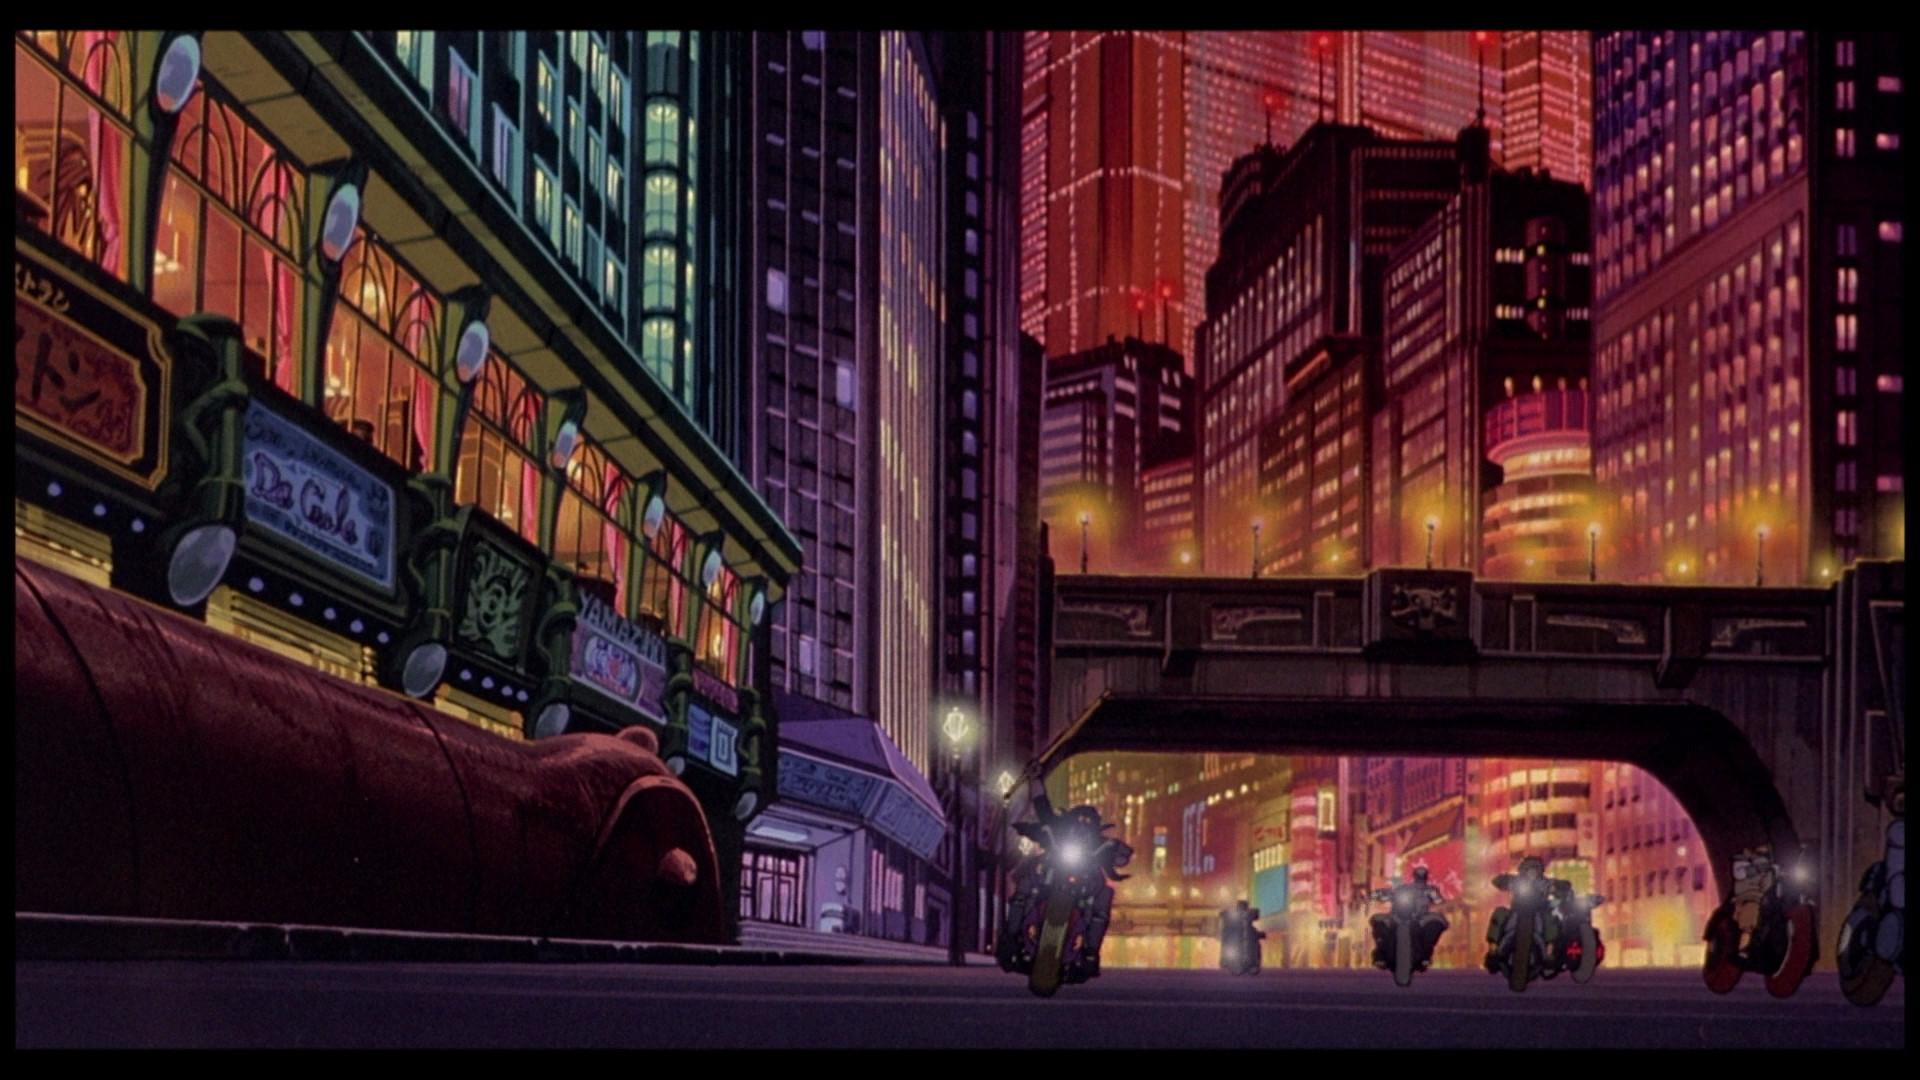 20 sensational 90 s anime aesthetic wallpaper model